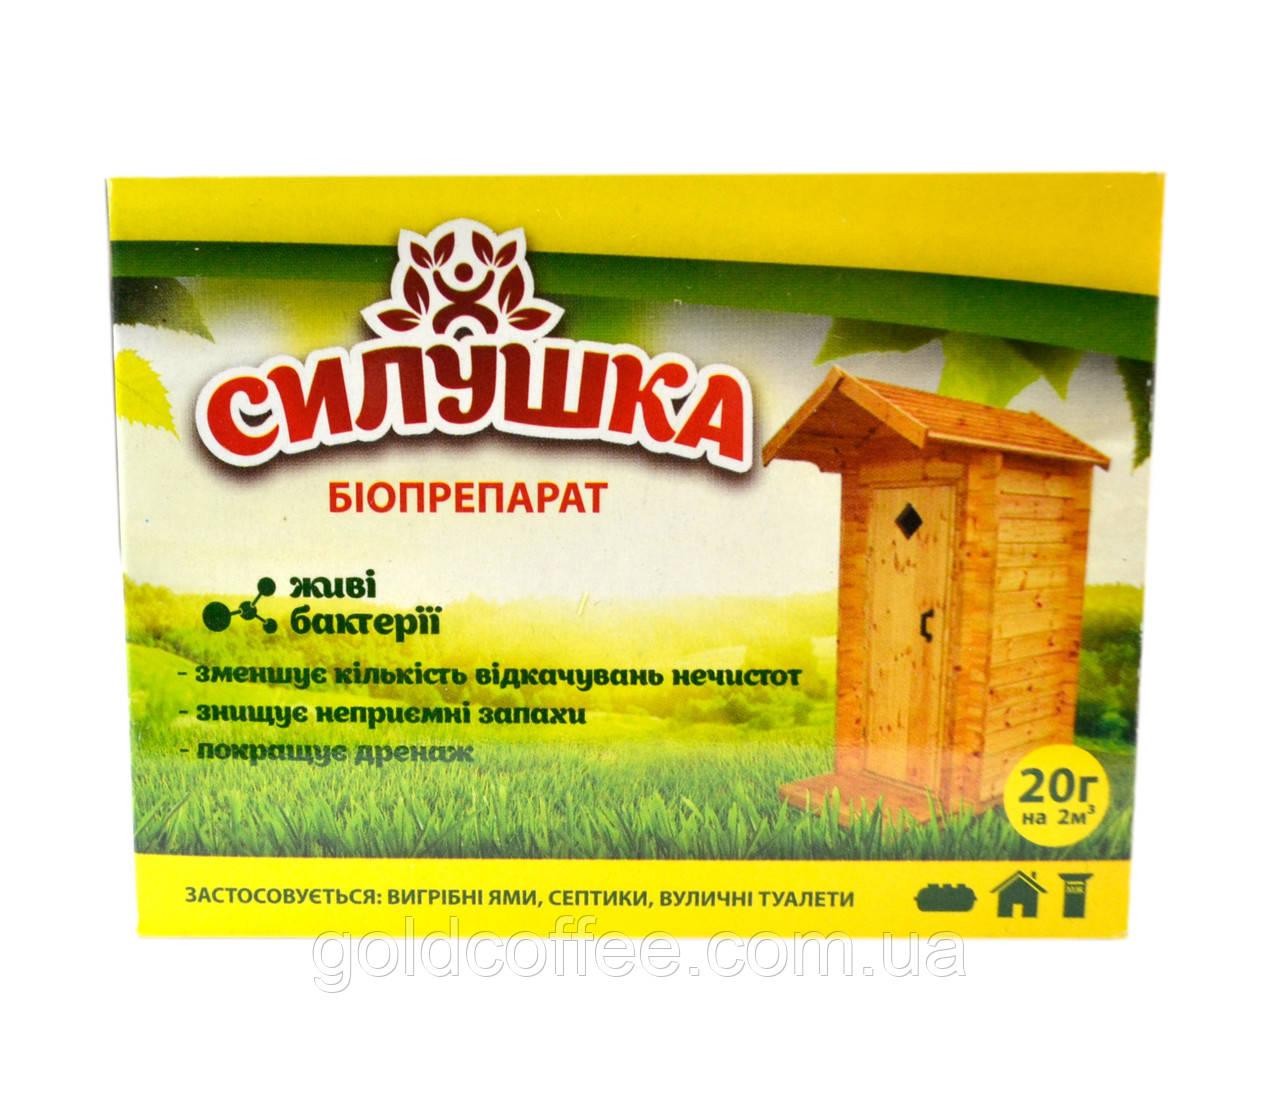 Септик Силушка 20г (на 2м.куб.) біопрепатат для вигрібних ям